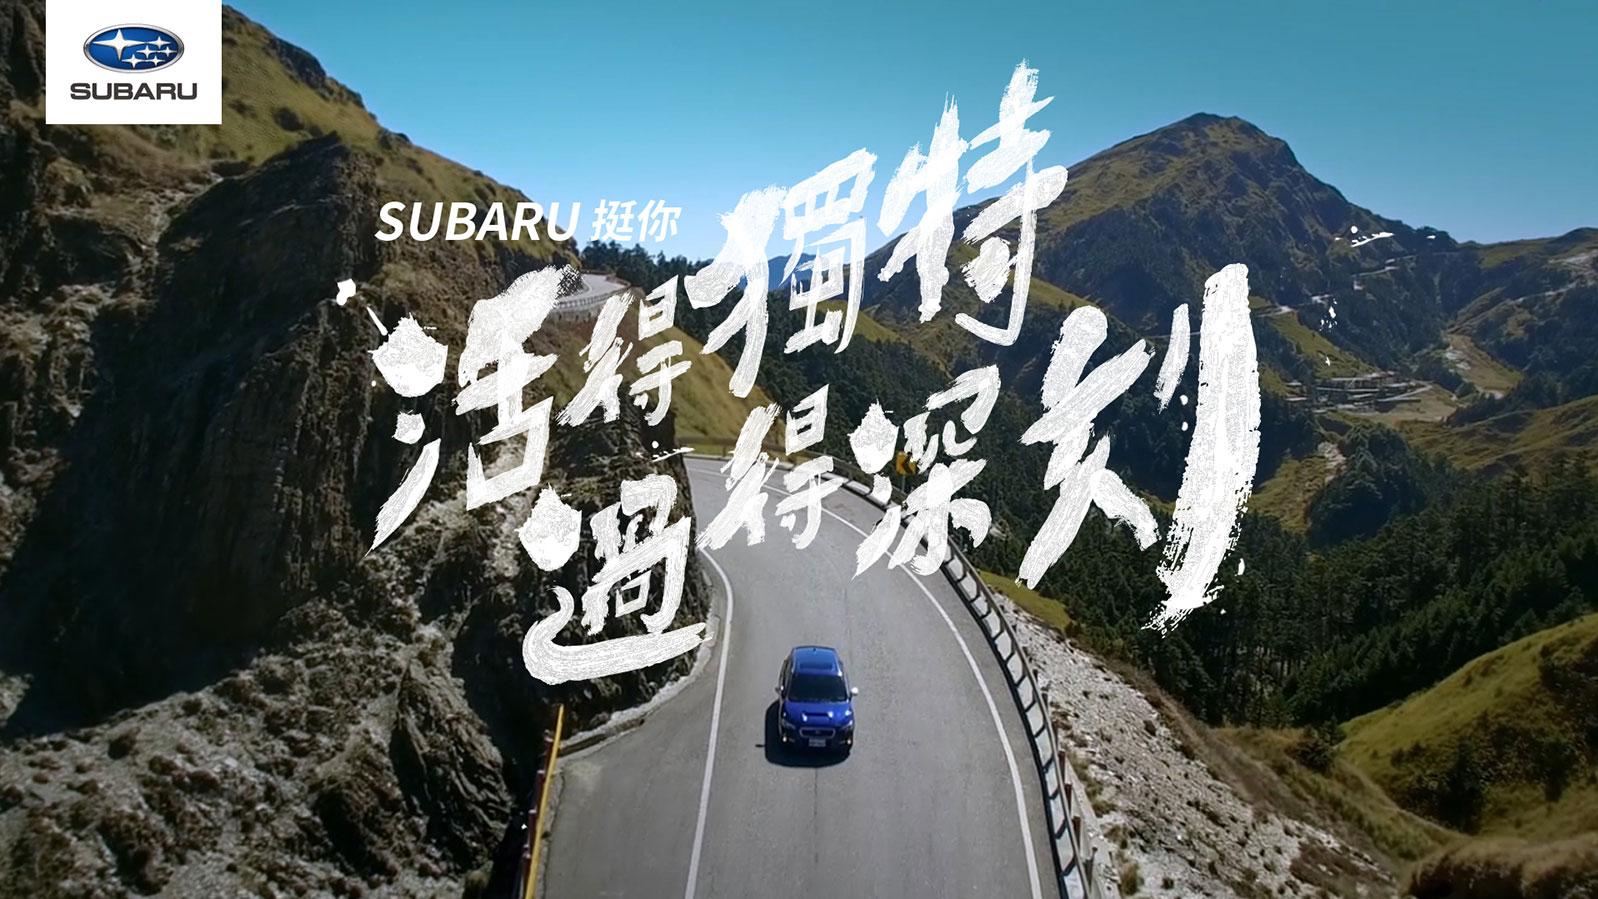 「SUBARU挺你活得獨特 過得深刻」車主影片大募集活動即刻開跑